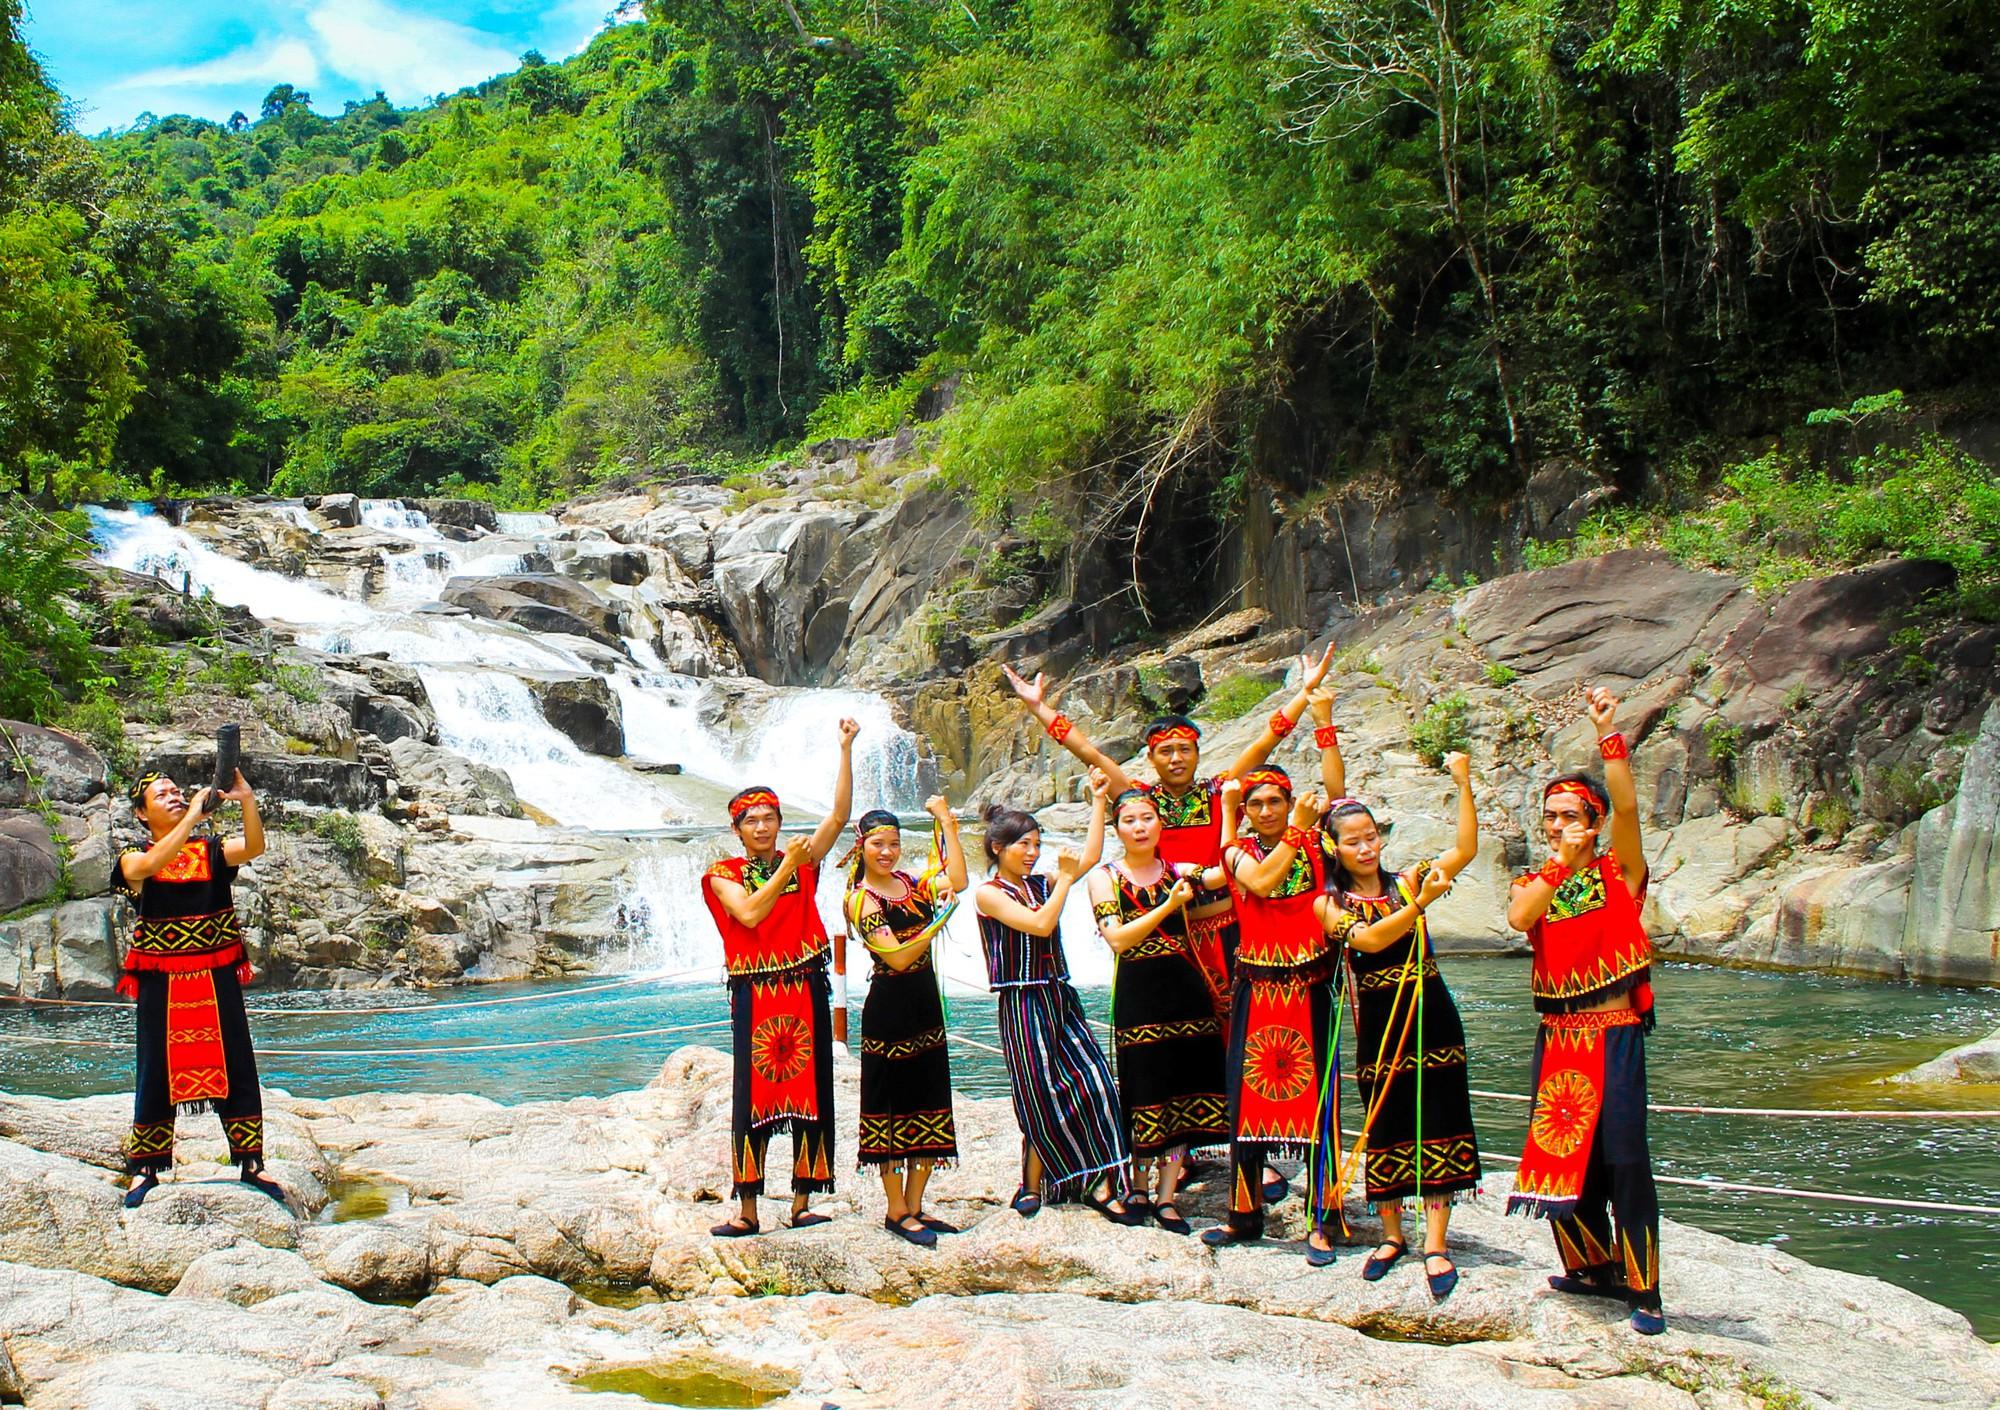 Thác Yang Bay - Non nước hữu tình 1 tại Nha Trang